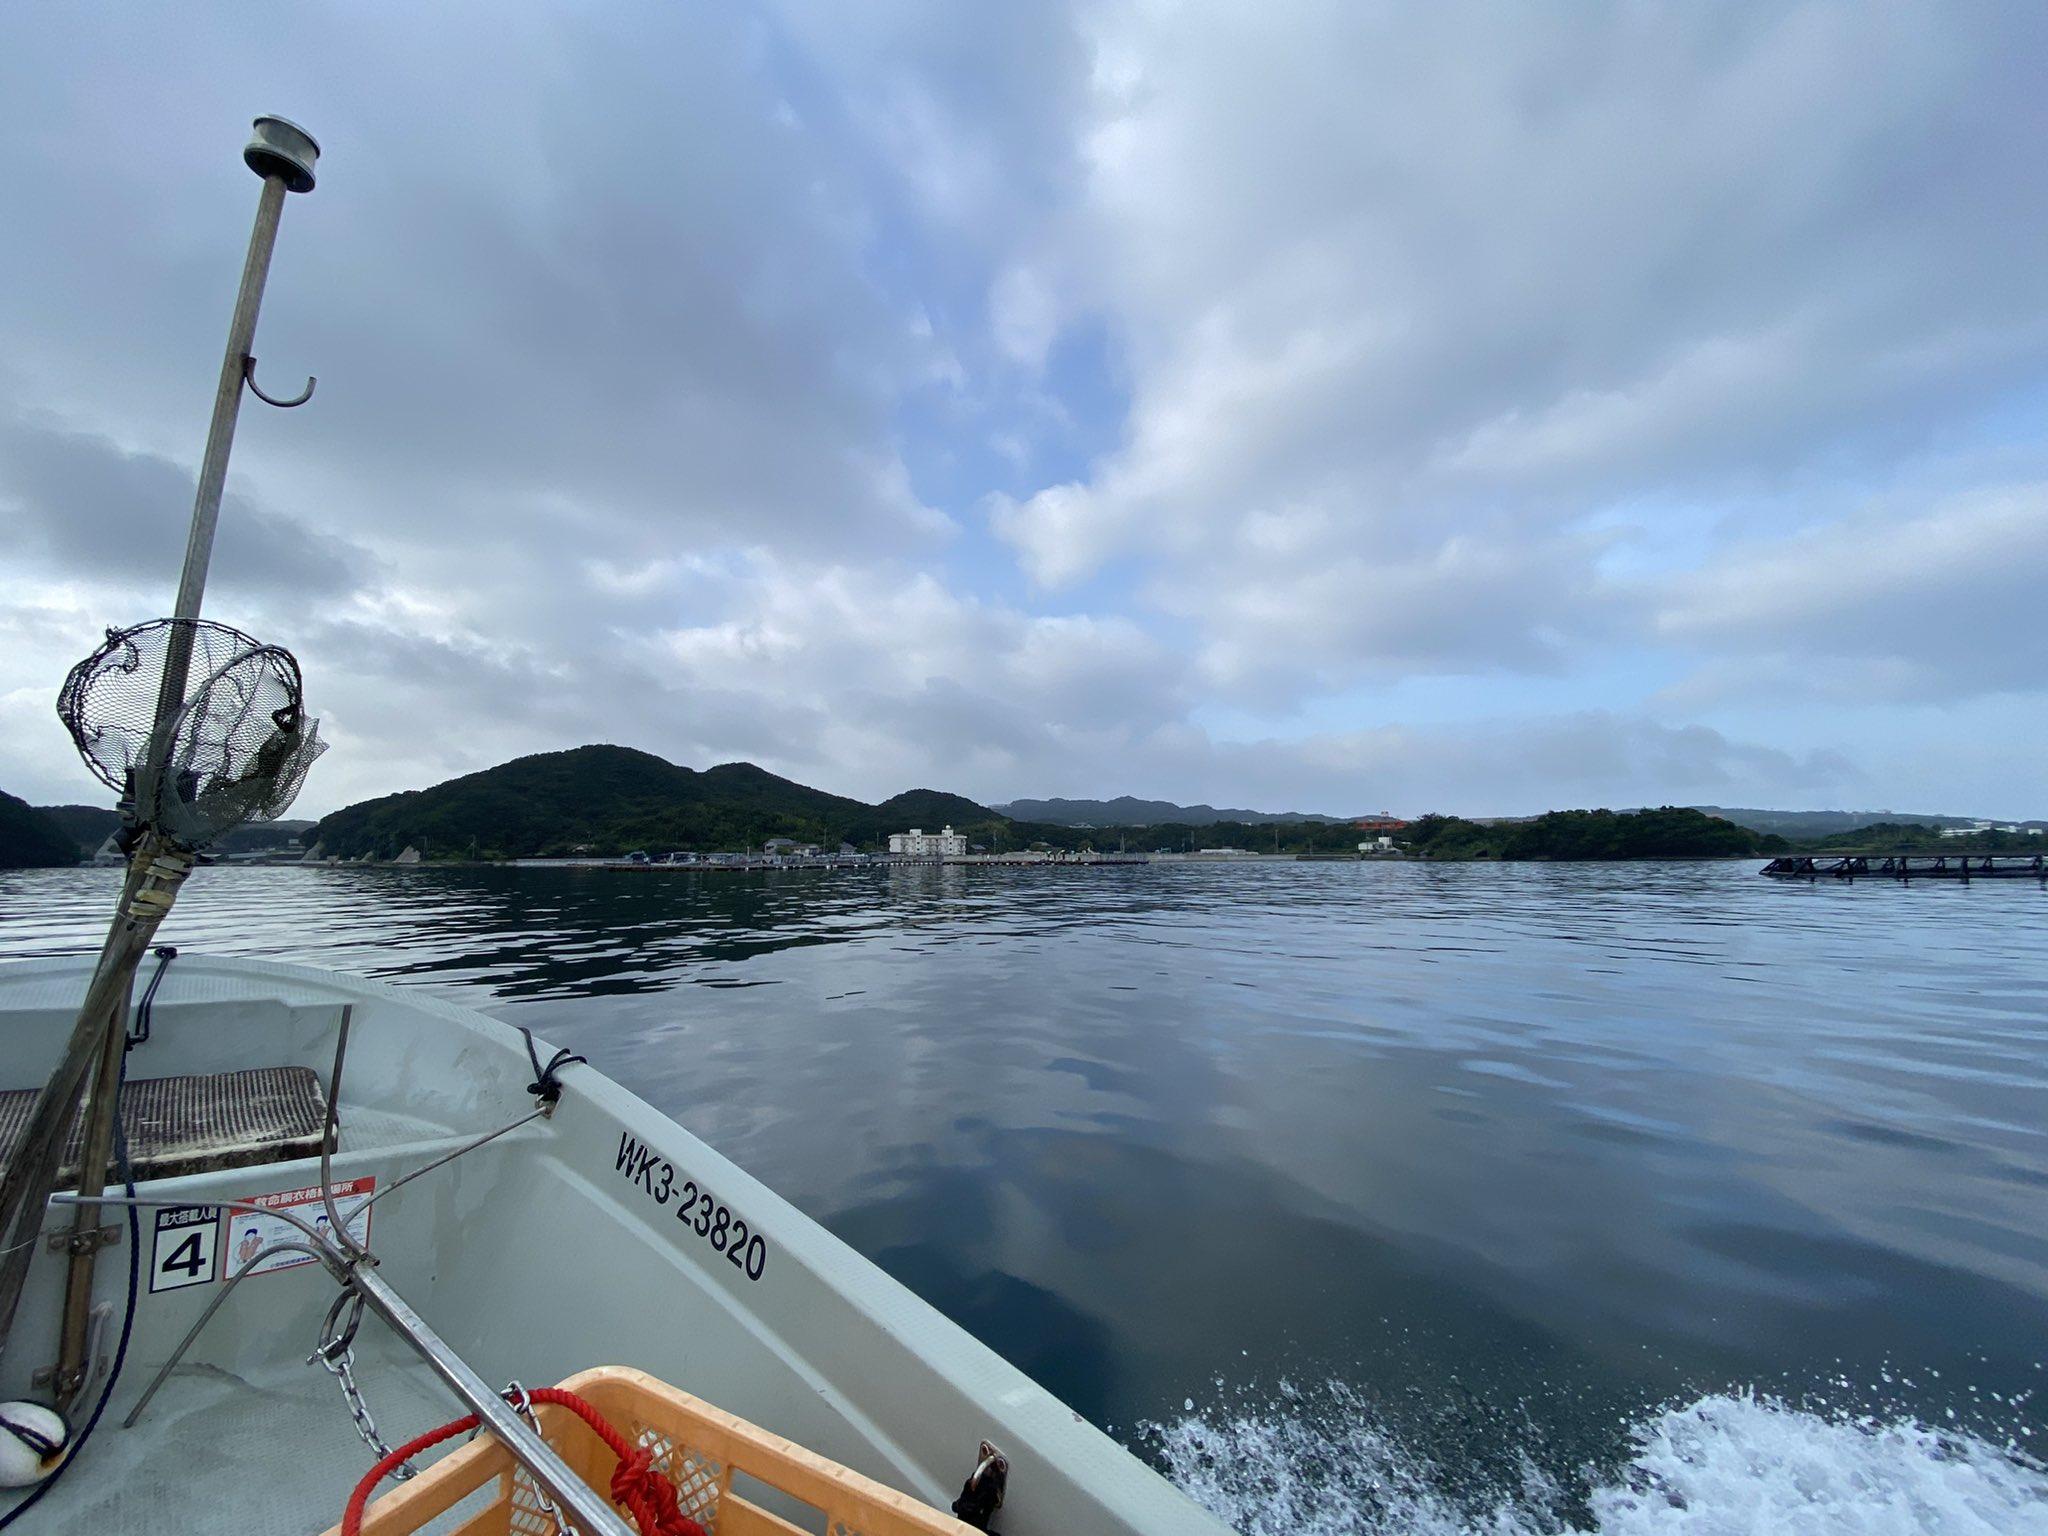 船酔いとタックル水没で完全にメンタルブレイクする男。